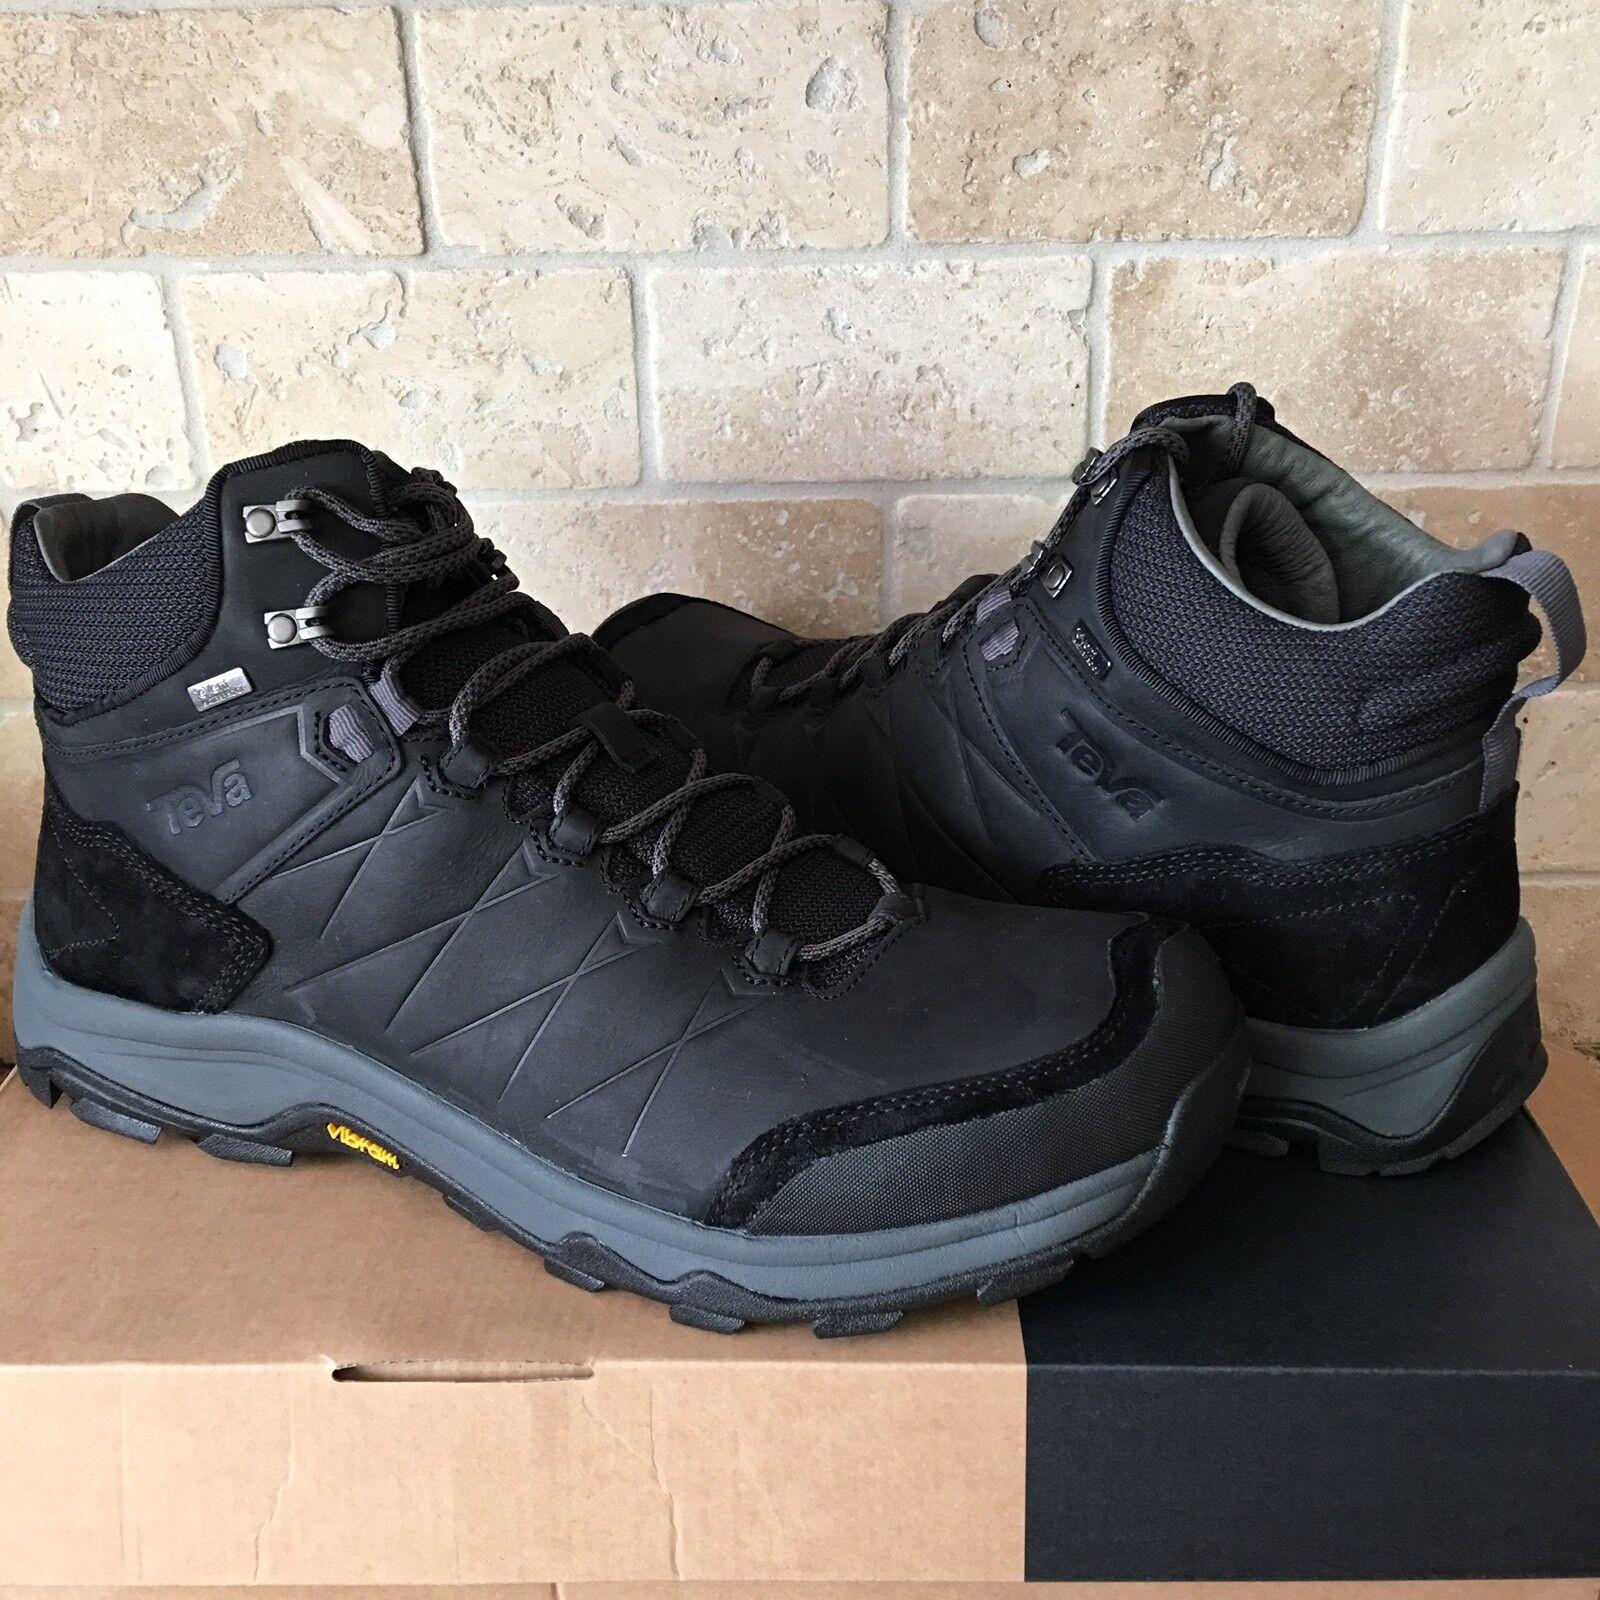 TEVA ARROWOOD RIVA Medio Negro WP para senderismo y Cuero botas Zapatos para hombres